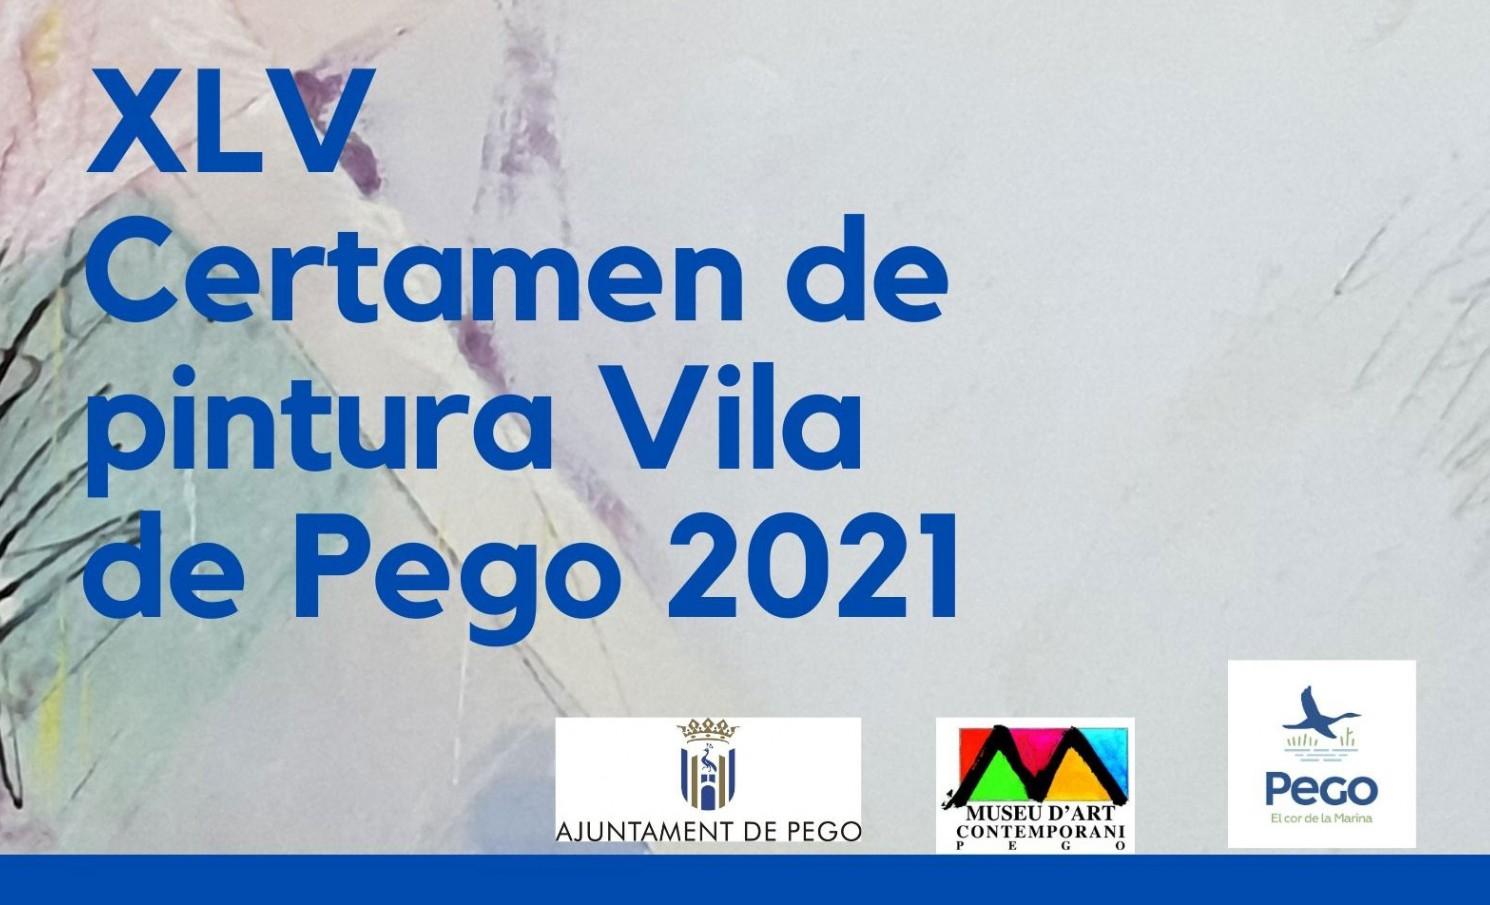 XLV CERTAMEN DE PINTURA VILLA DE PEGO 2021